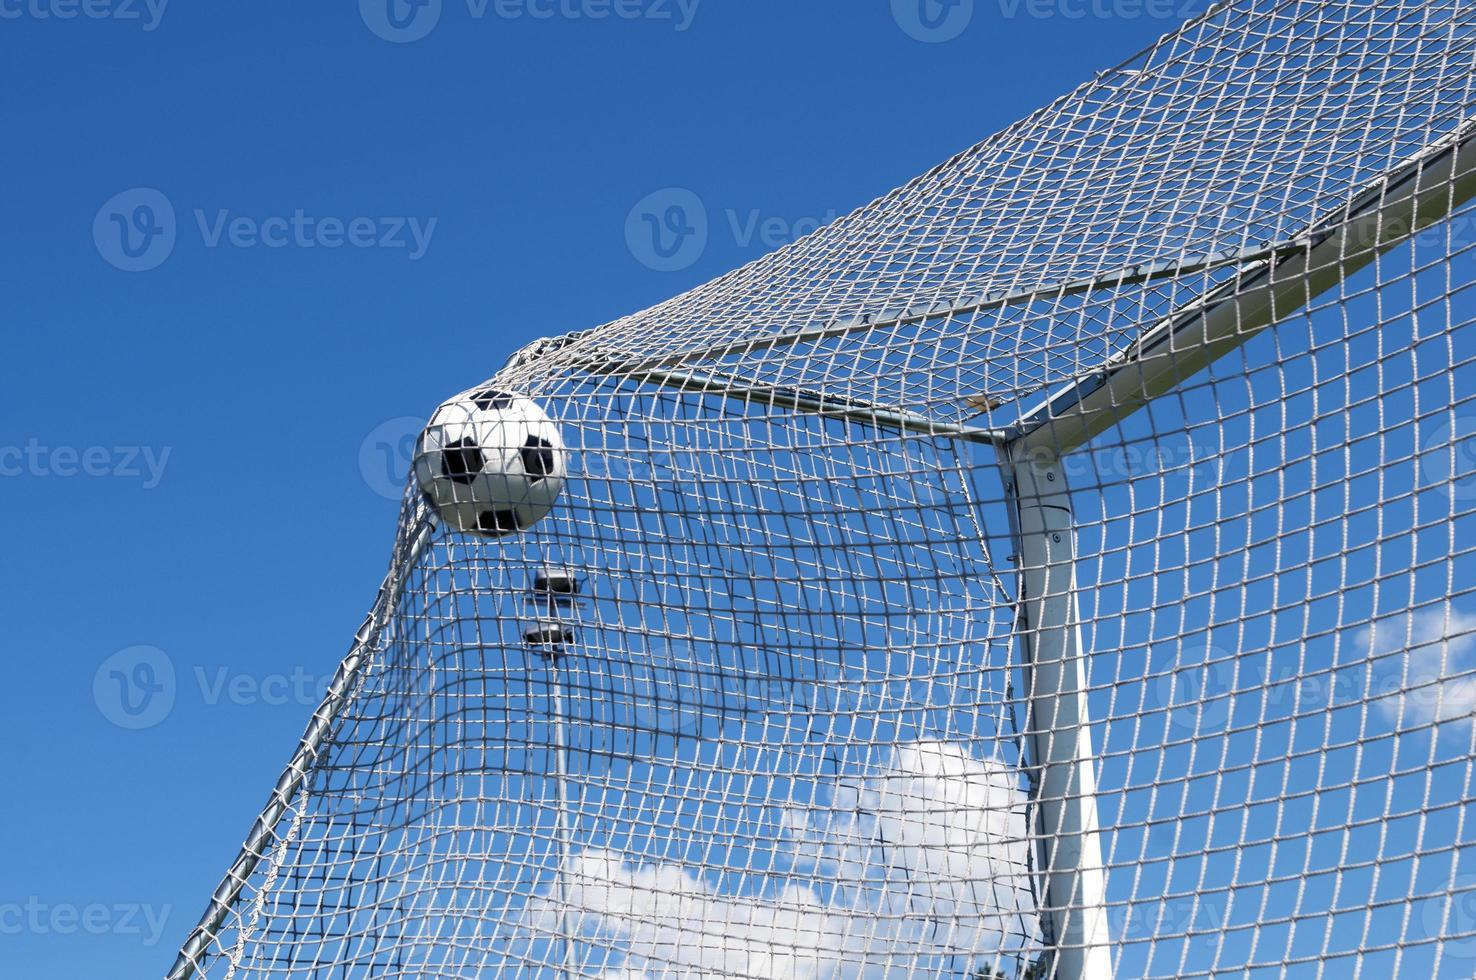 il calcio fa un grande obiettivo foto